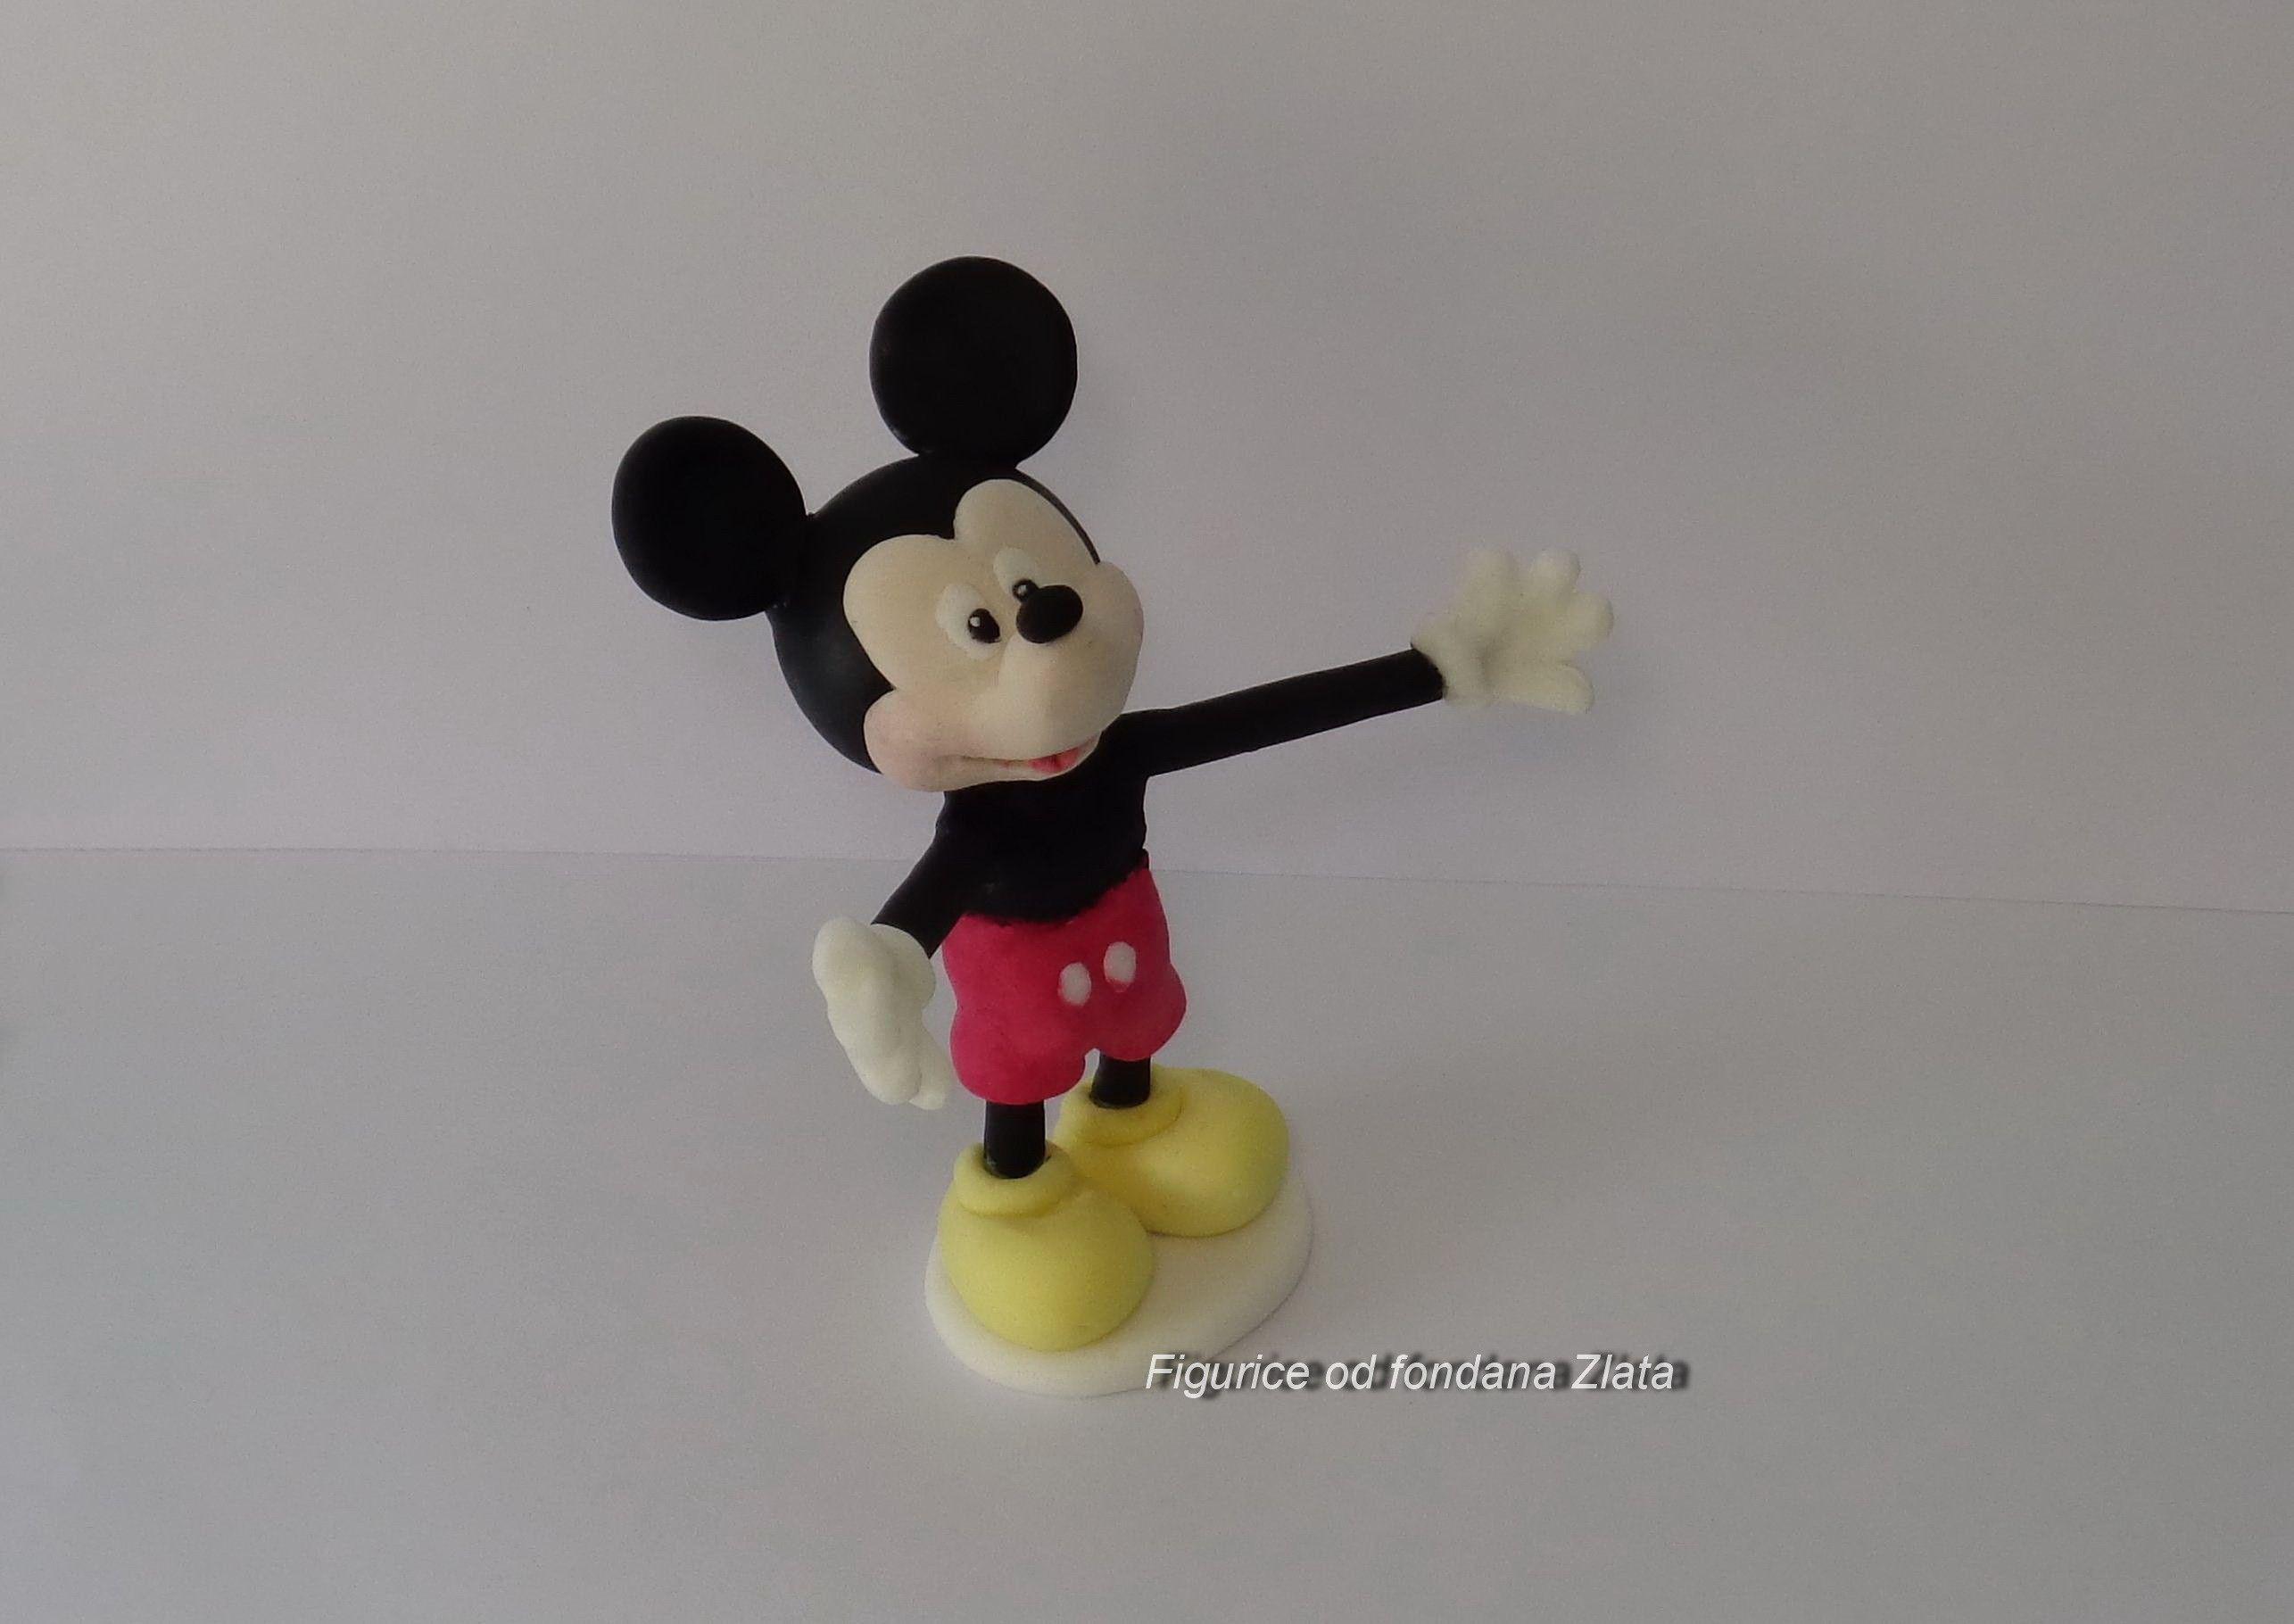 Minnie Maus Malvorlage Einzigartig Minnie Mouse Malvorlagen Best 35 Minnie Mouse Baby Ausmalbilder Bild